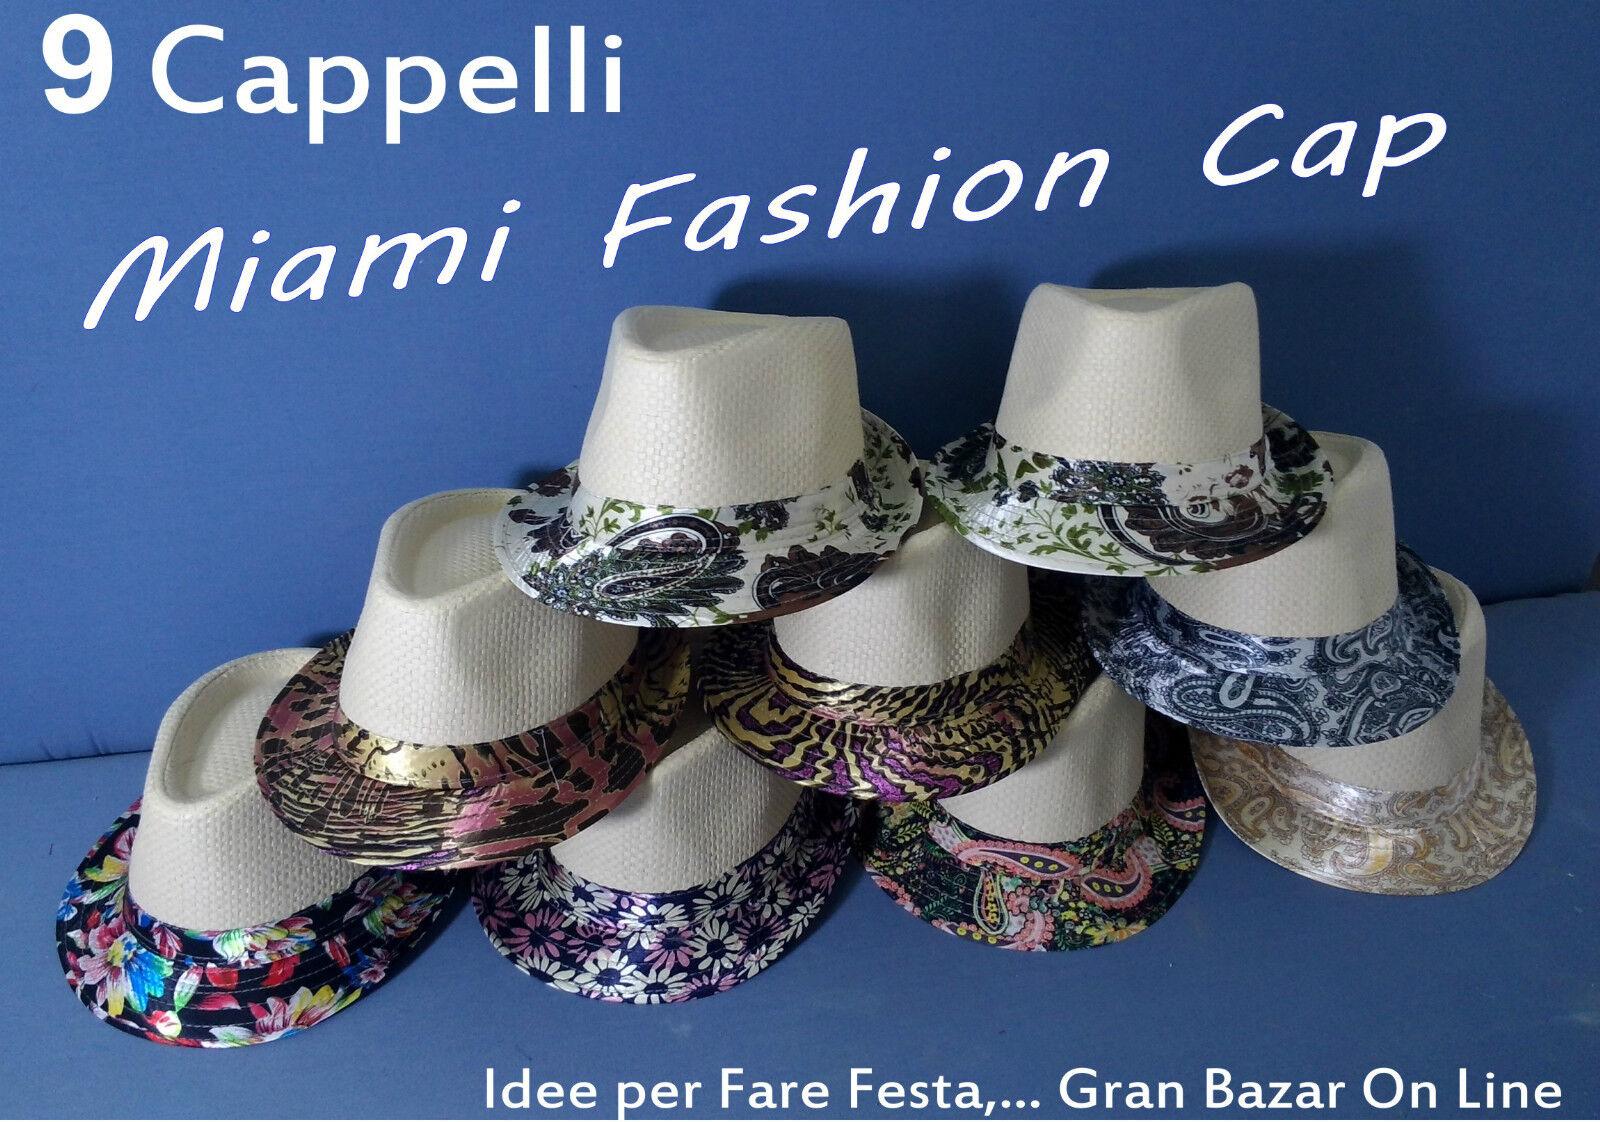 CAPPELLO MIAMI FASHION FASHION FASHION CAP 9 Pz. FESTA SUN PARTY Accessori Amimazione Moda Mare 90d68e